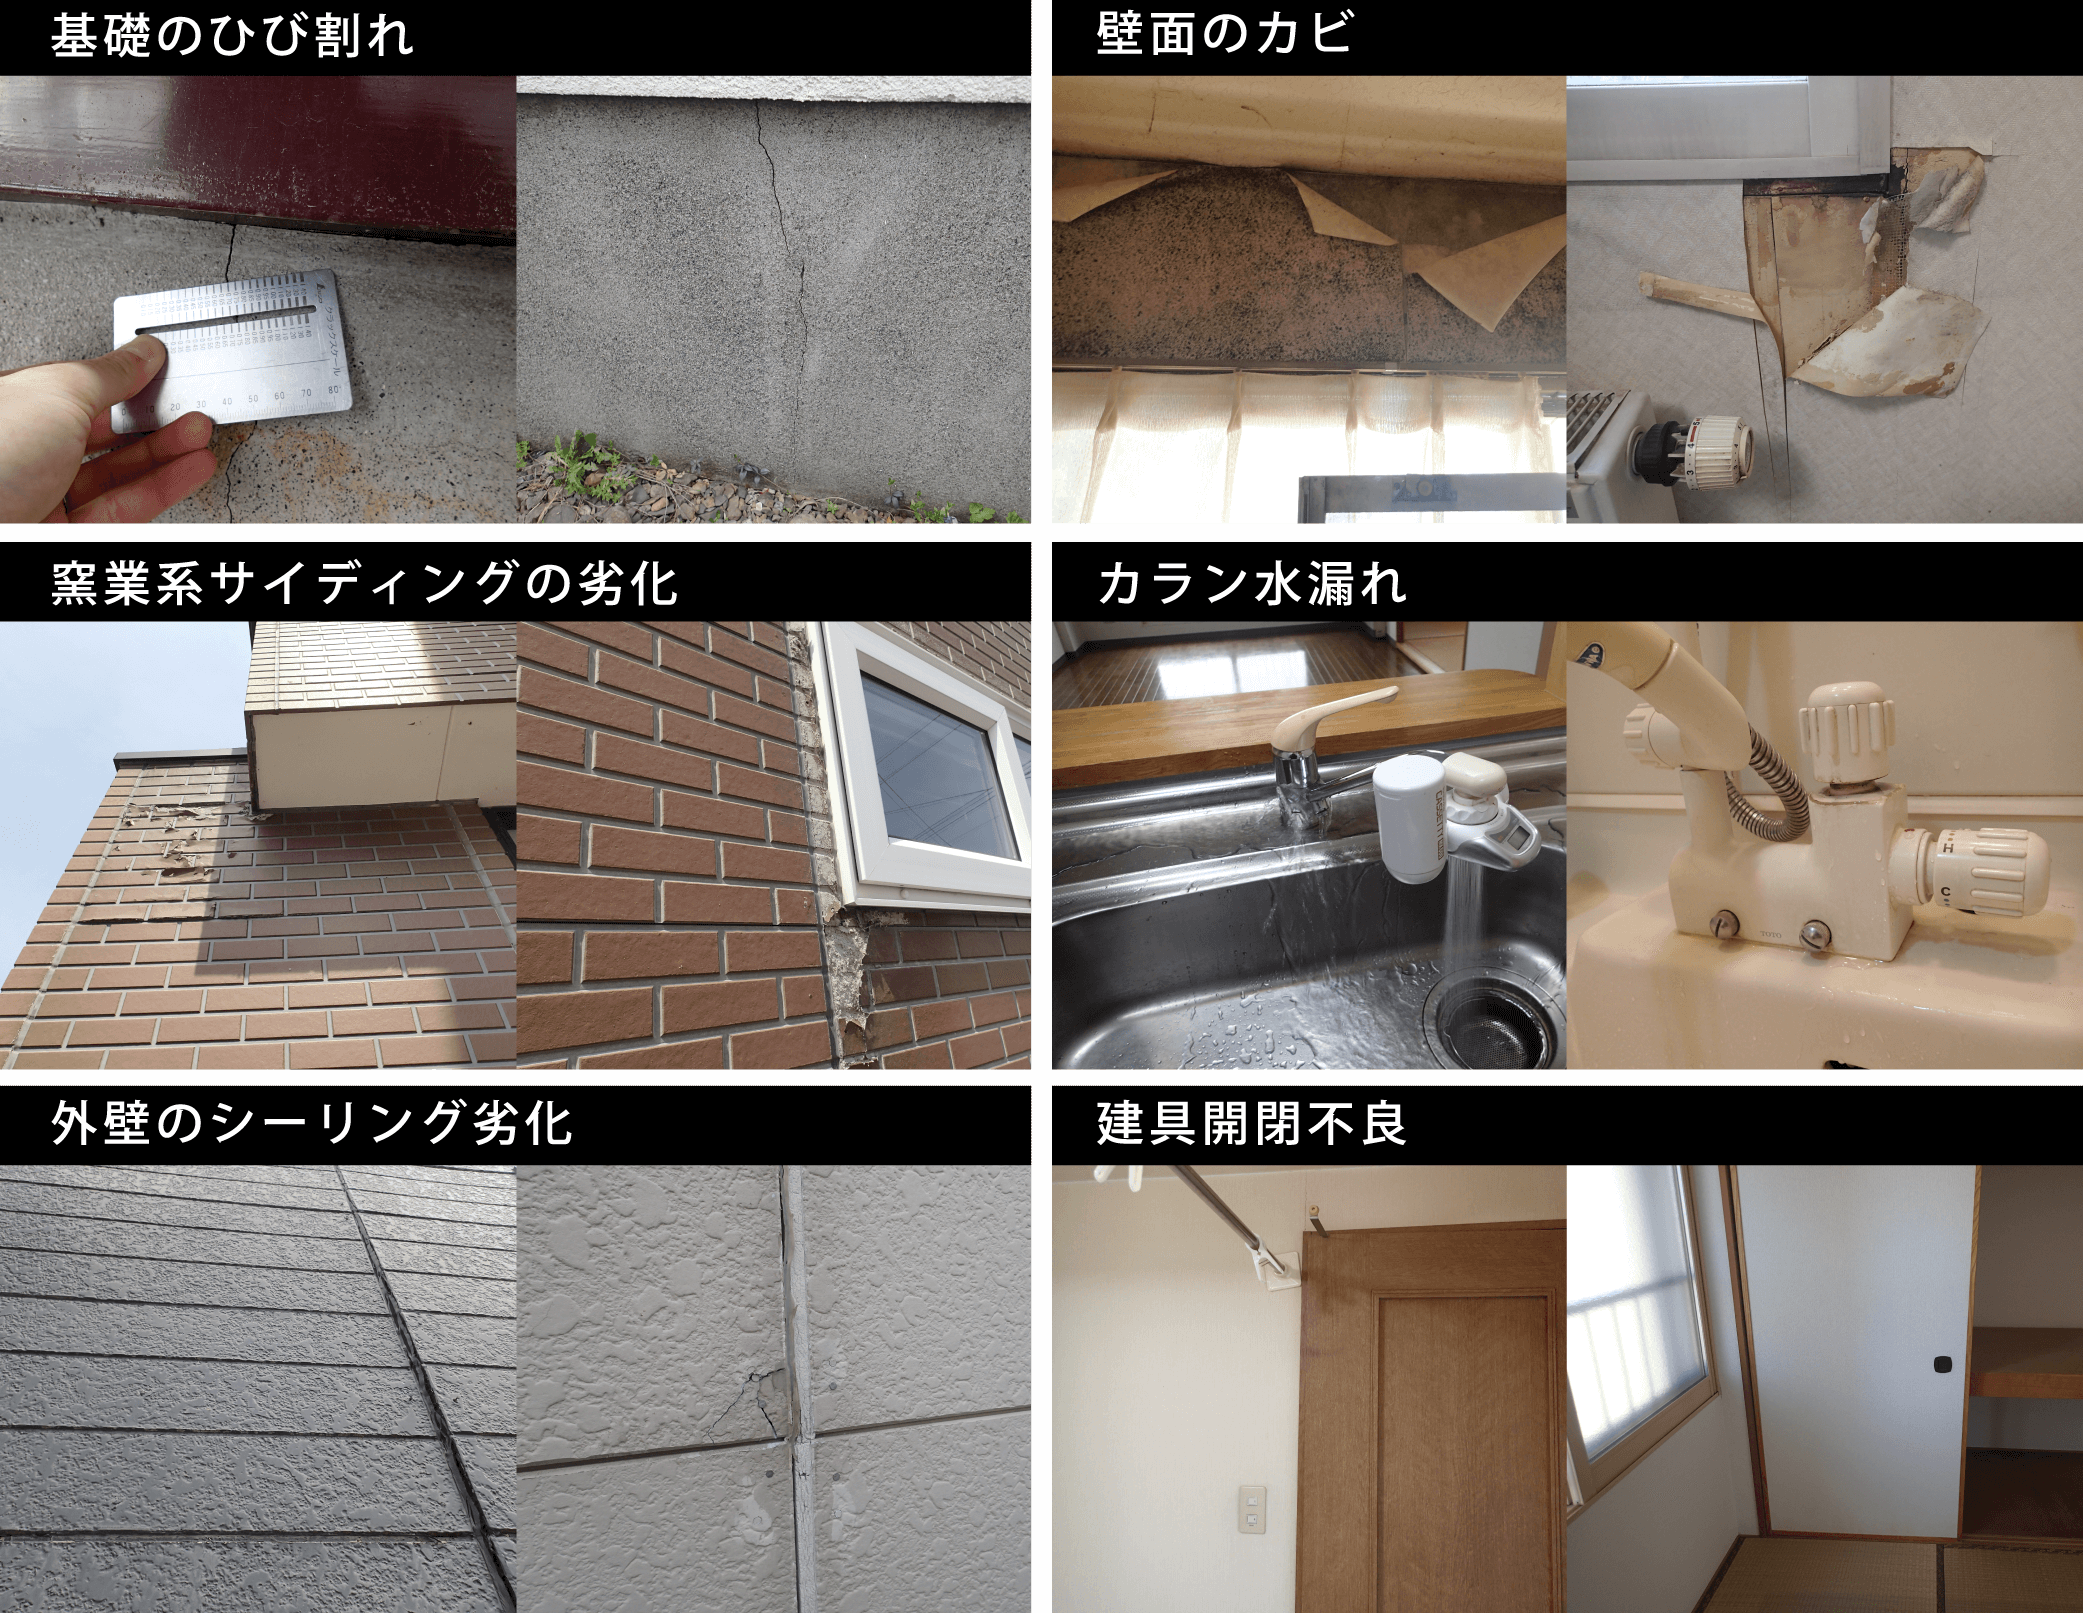 基礎のひび割れ、壁面のカビ、窯業(ようぎょう)系サイディングの劣化、カラン水漏れ、外壁のシーリング劣化、建具開閉不良